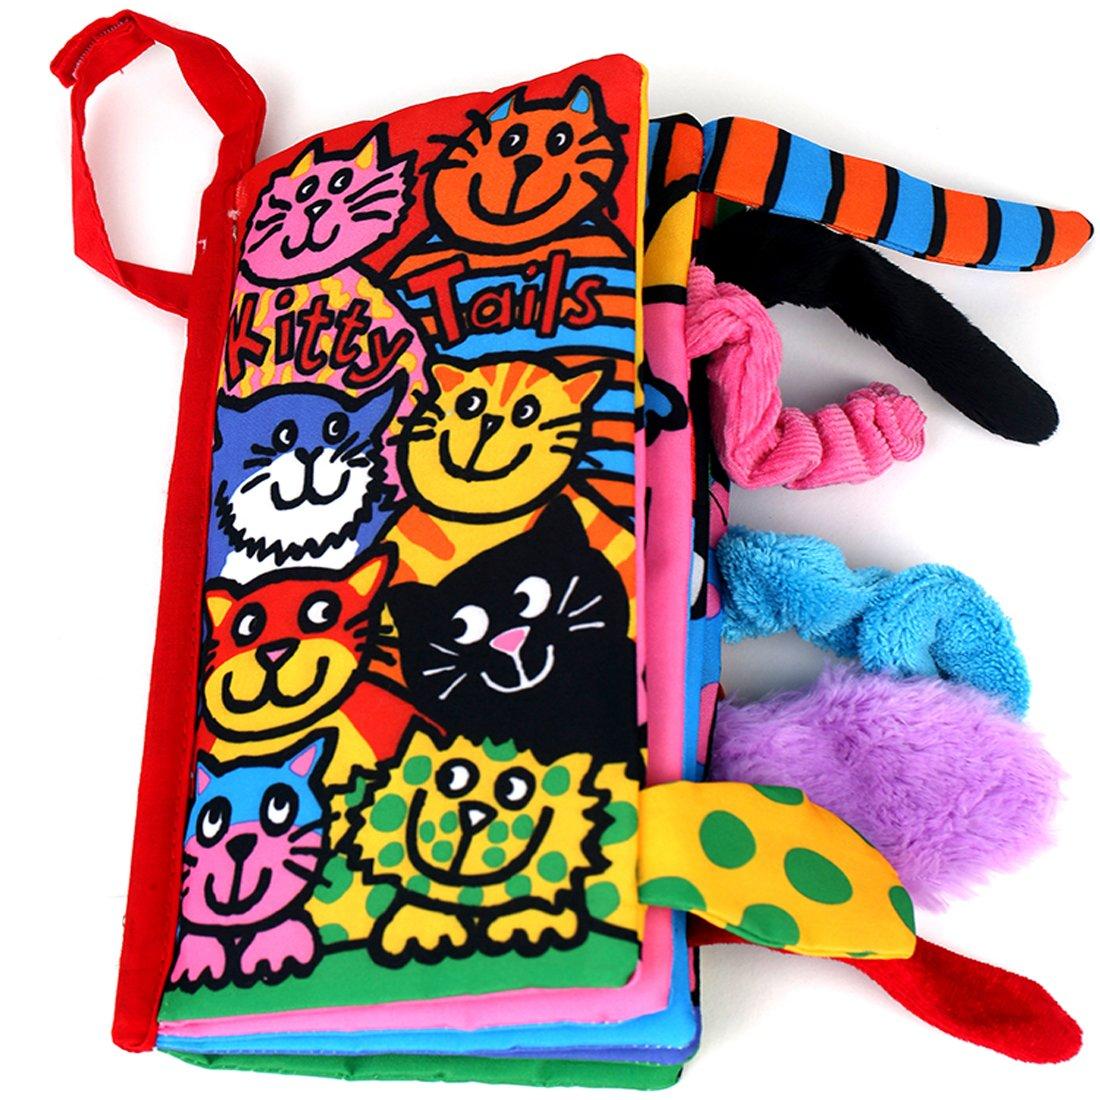 colas animales libro de tela bebé de juguete Desarrollo Libros Aprendizaje y Educación(Kitty tails) weiming inc